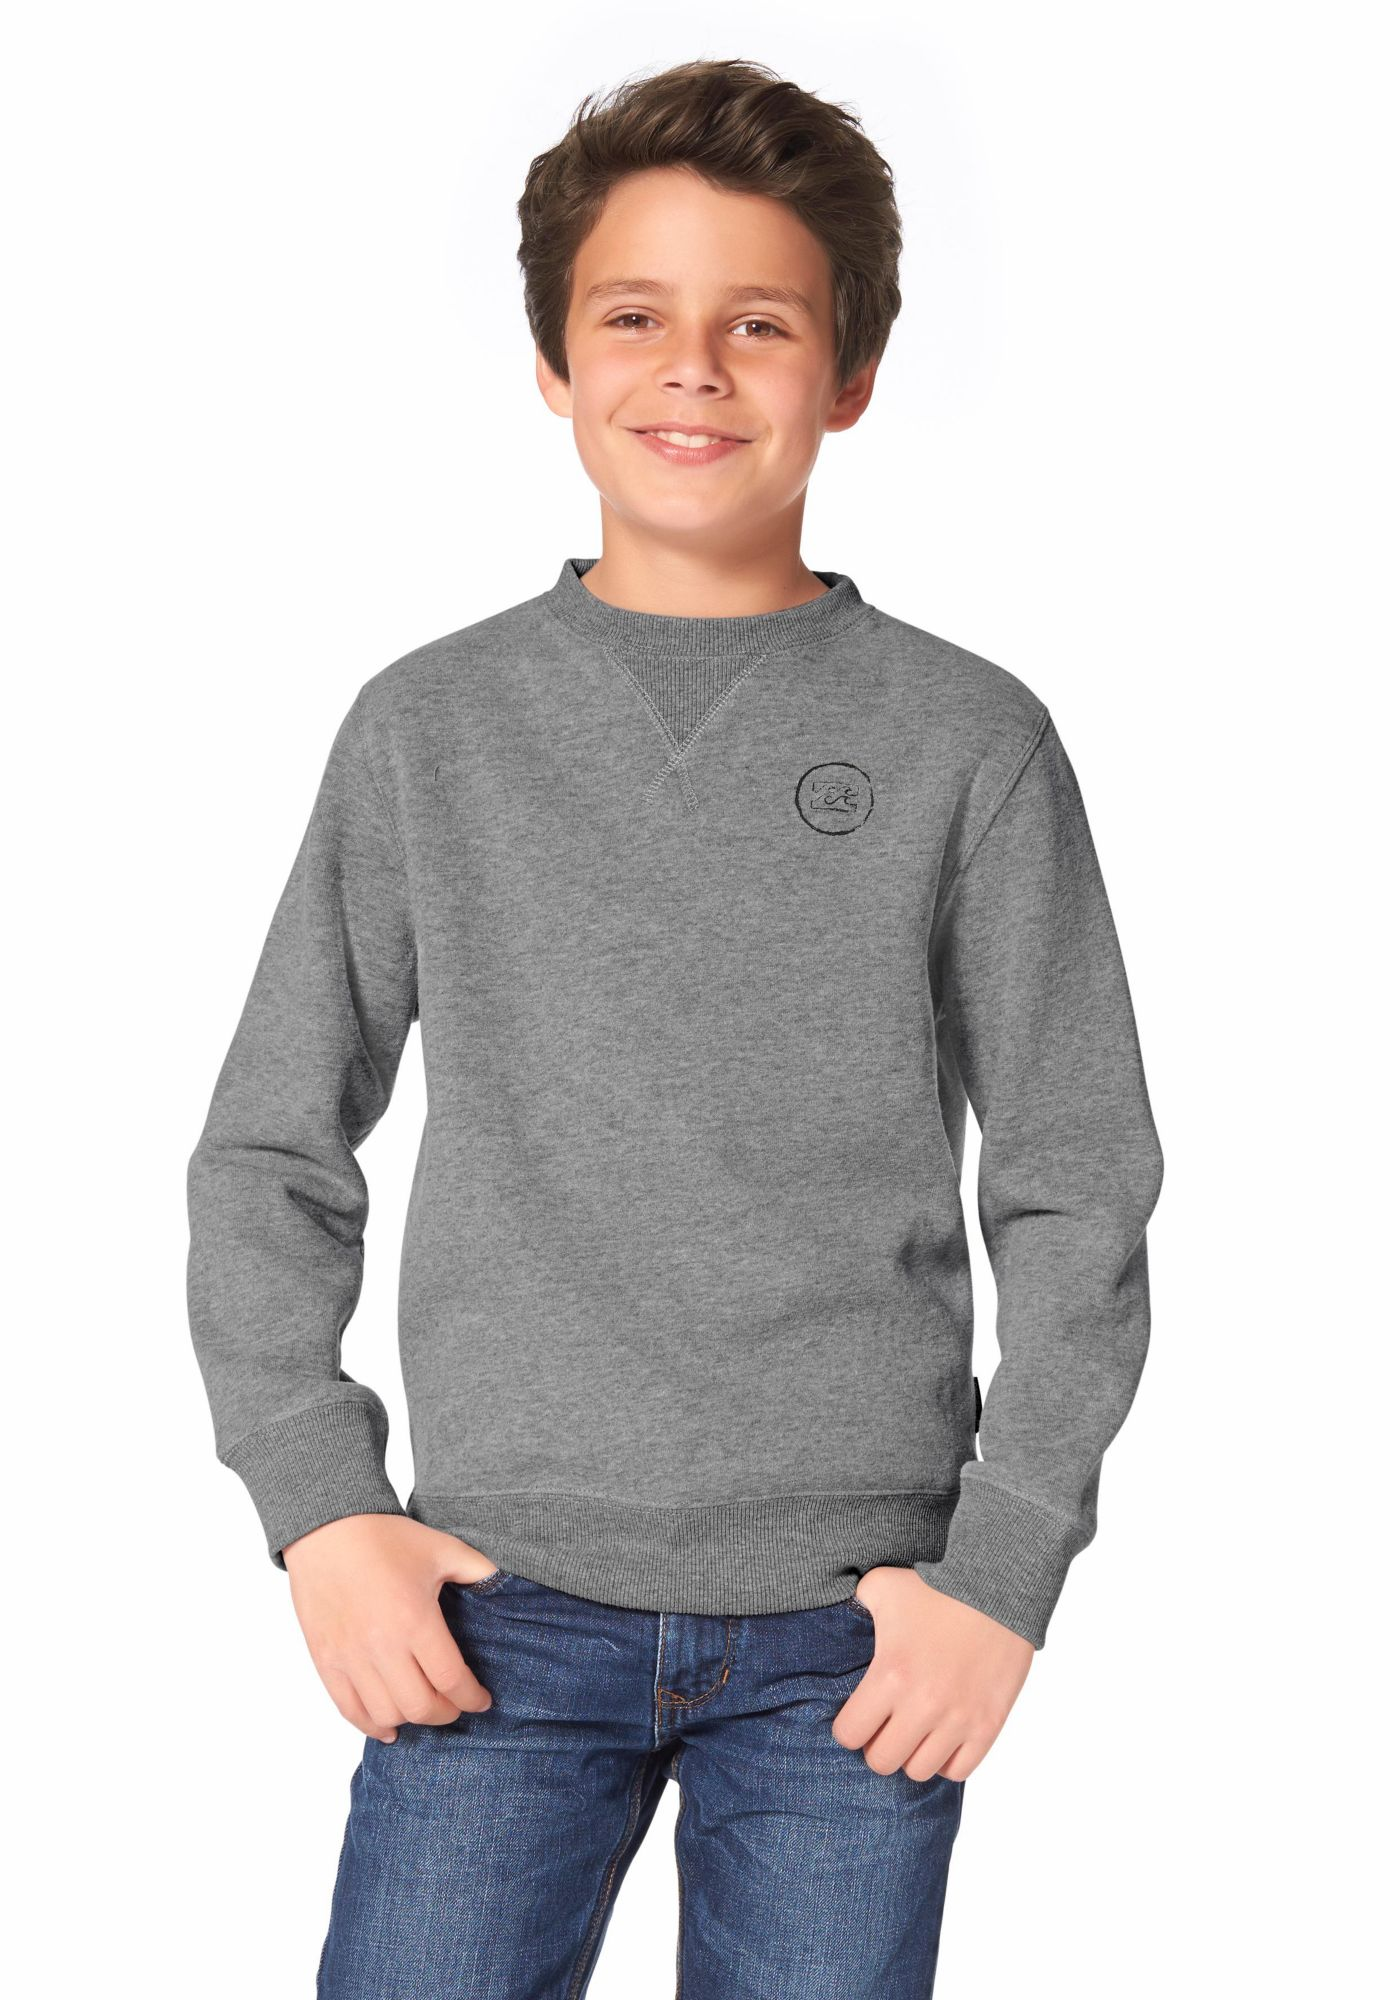 BILLABONG HERREN Billabong FREEHAND CR BOYS Sweatshirt